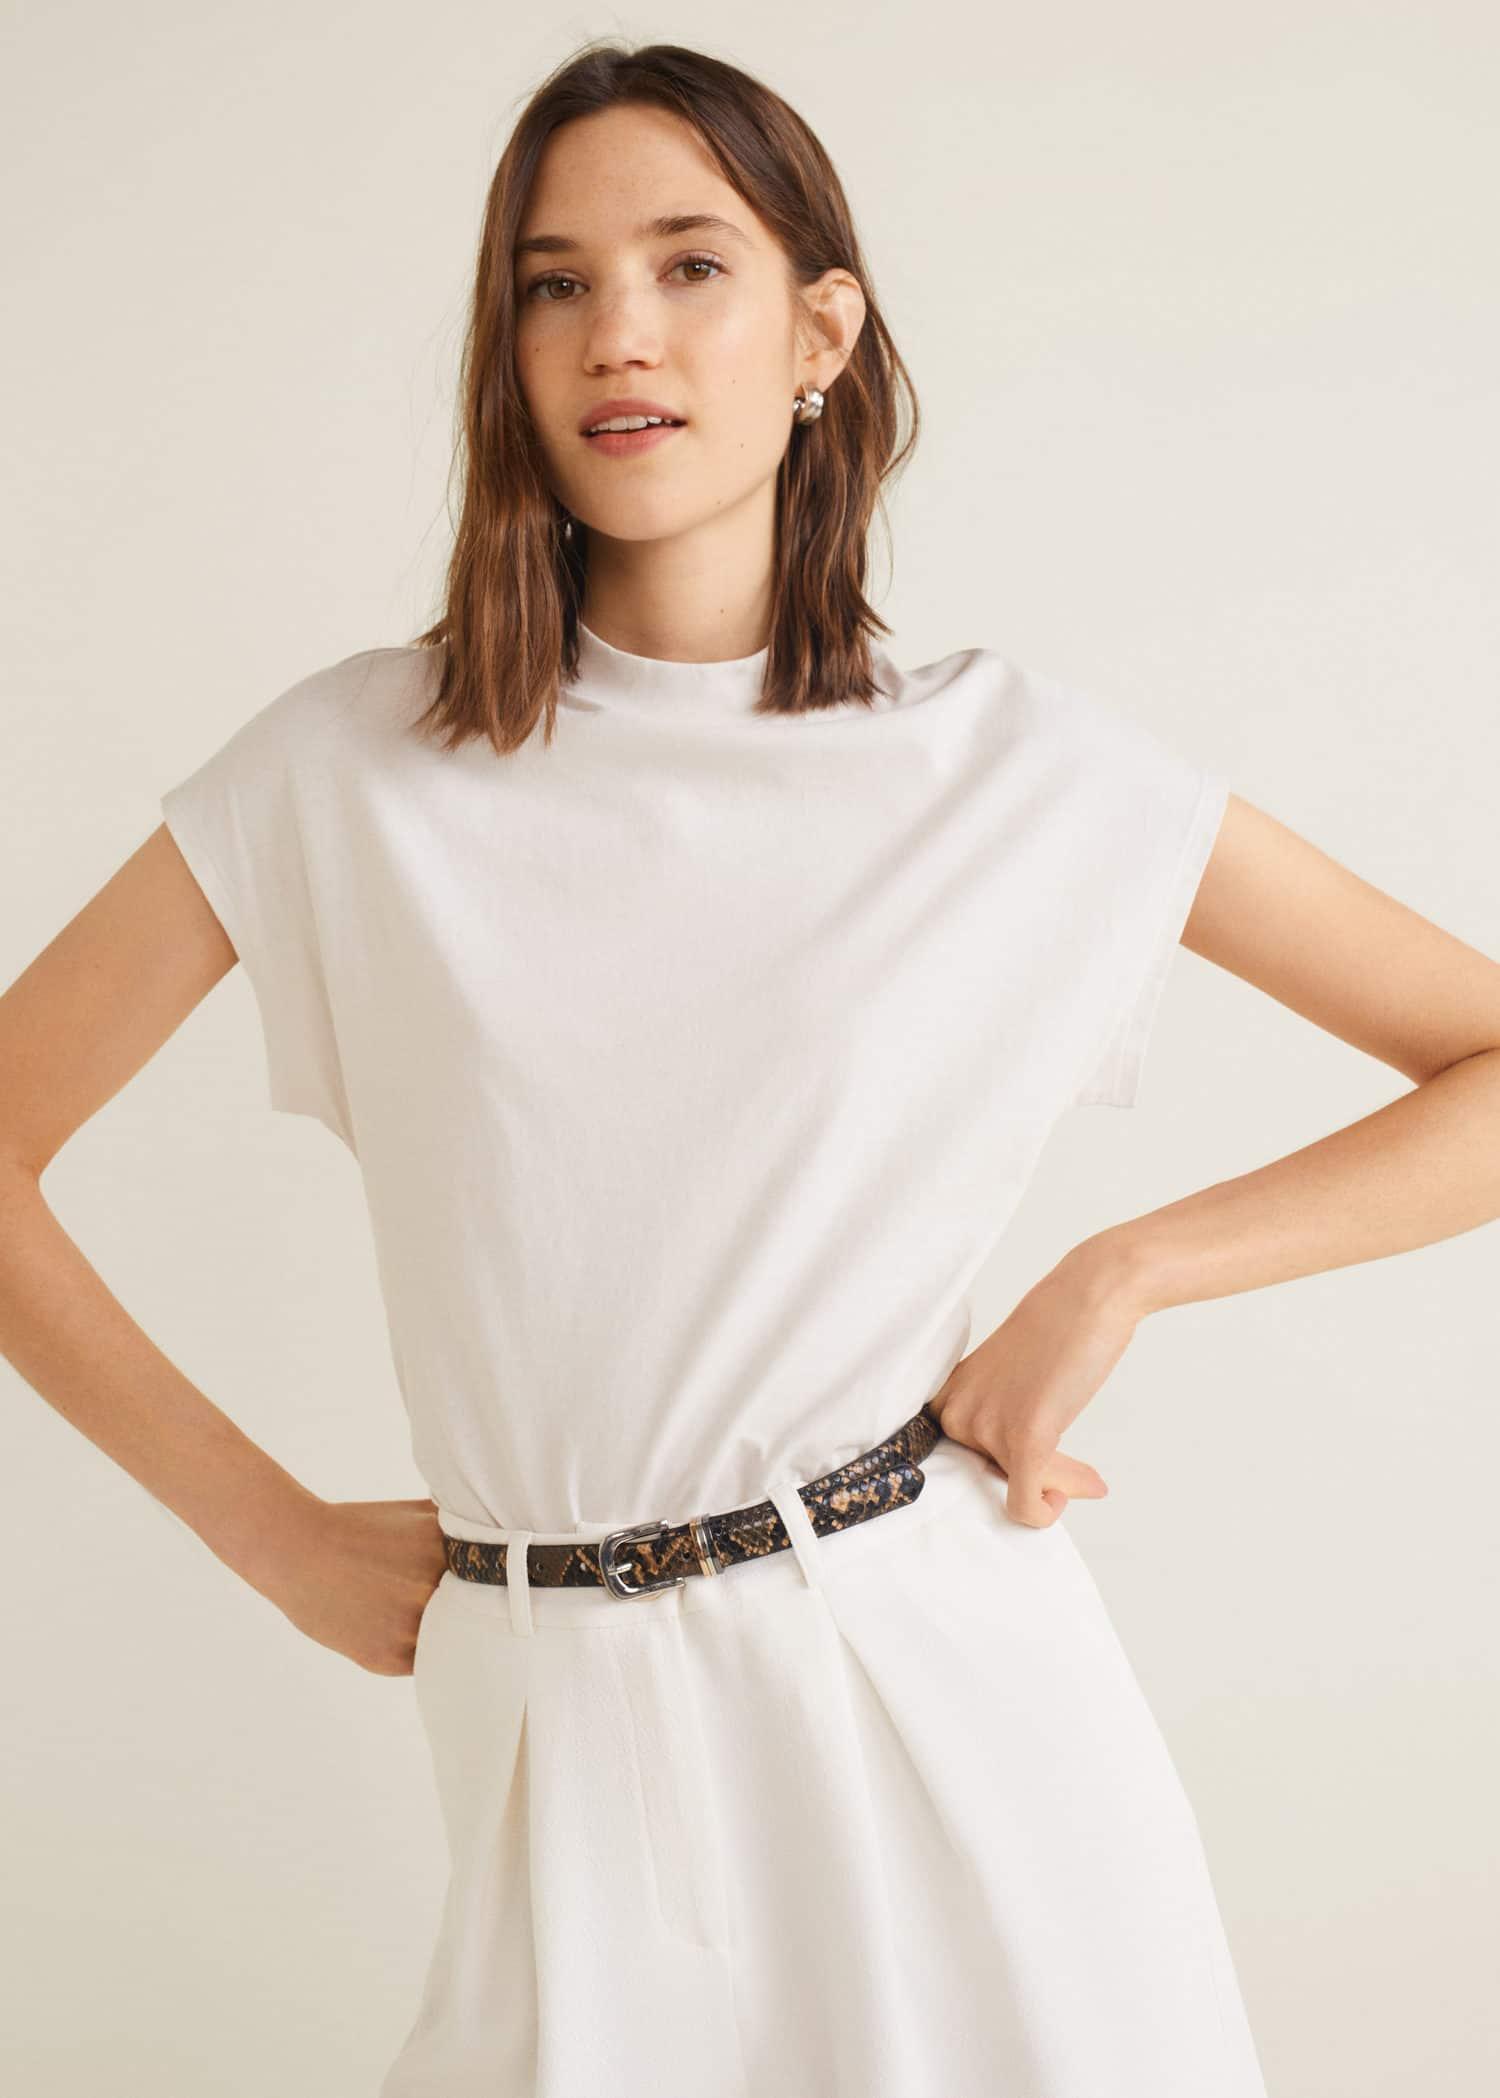 dd89c58f438c5 Kısa kollu - Tişört ve bluz - Kadın 2019 | Mango Türkiye